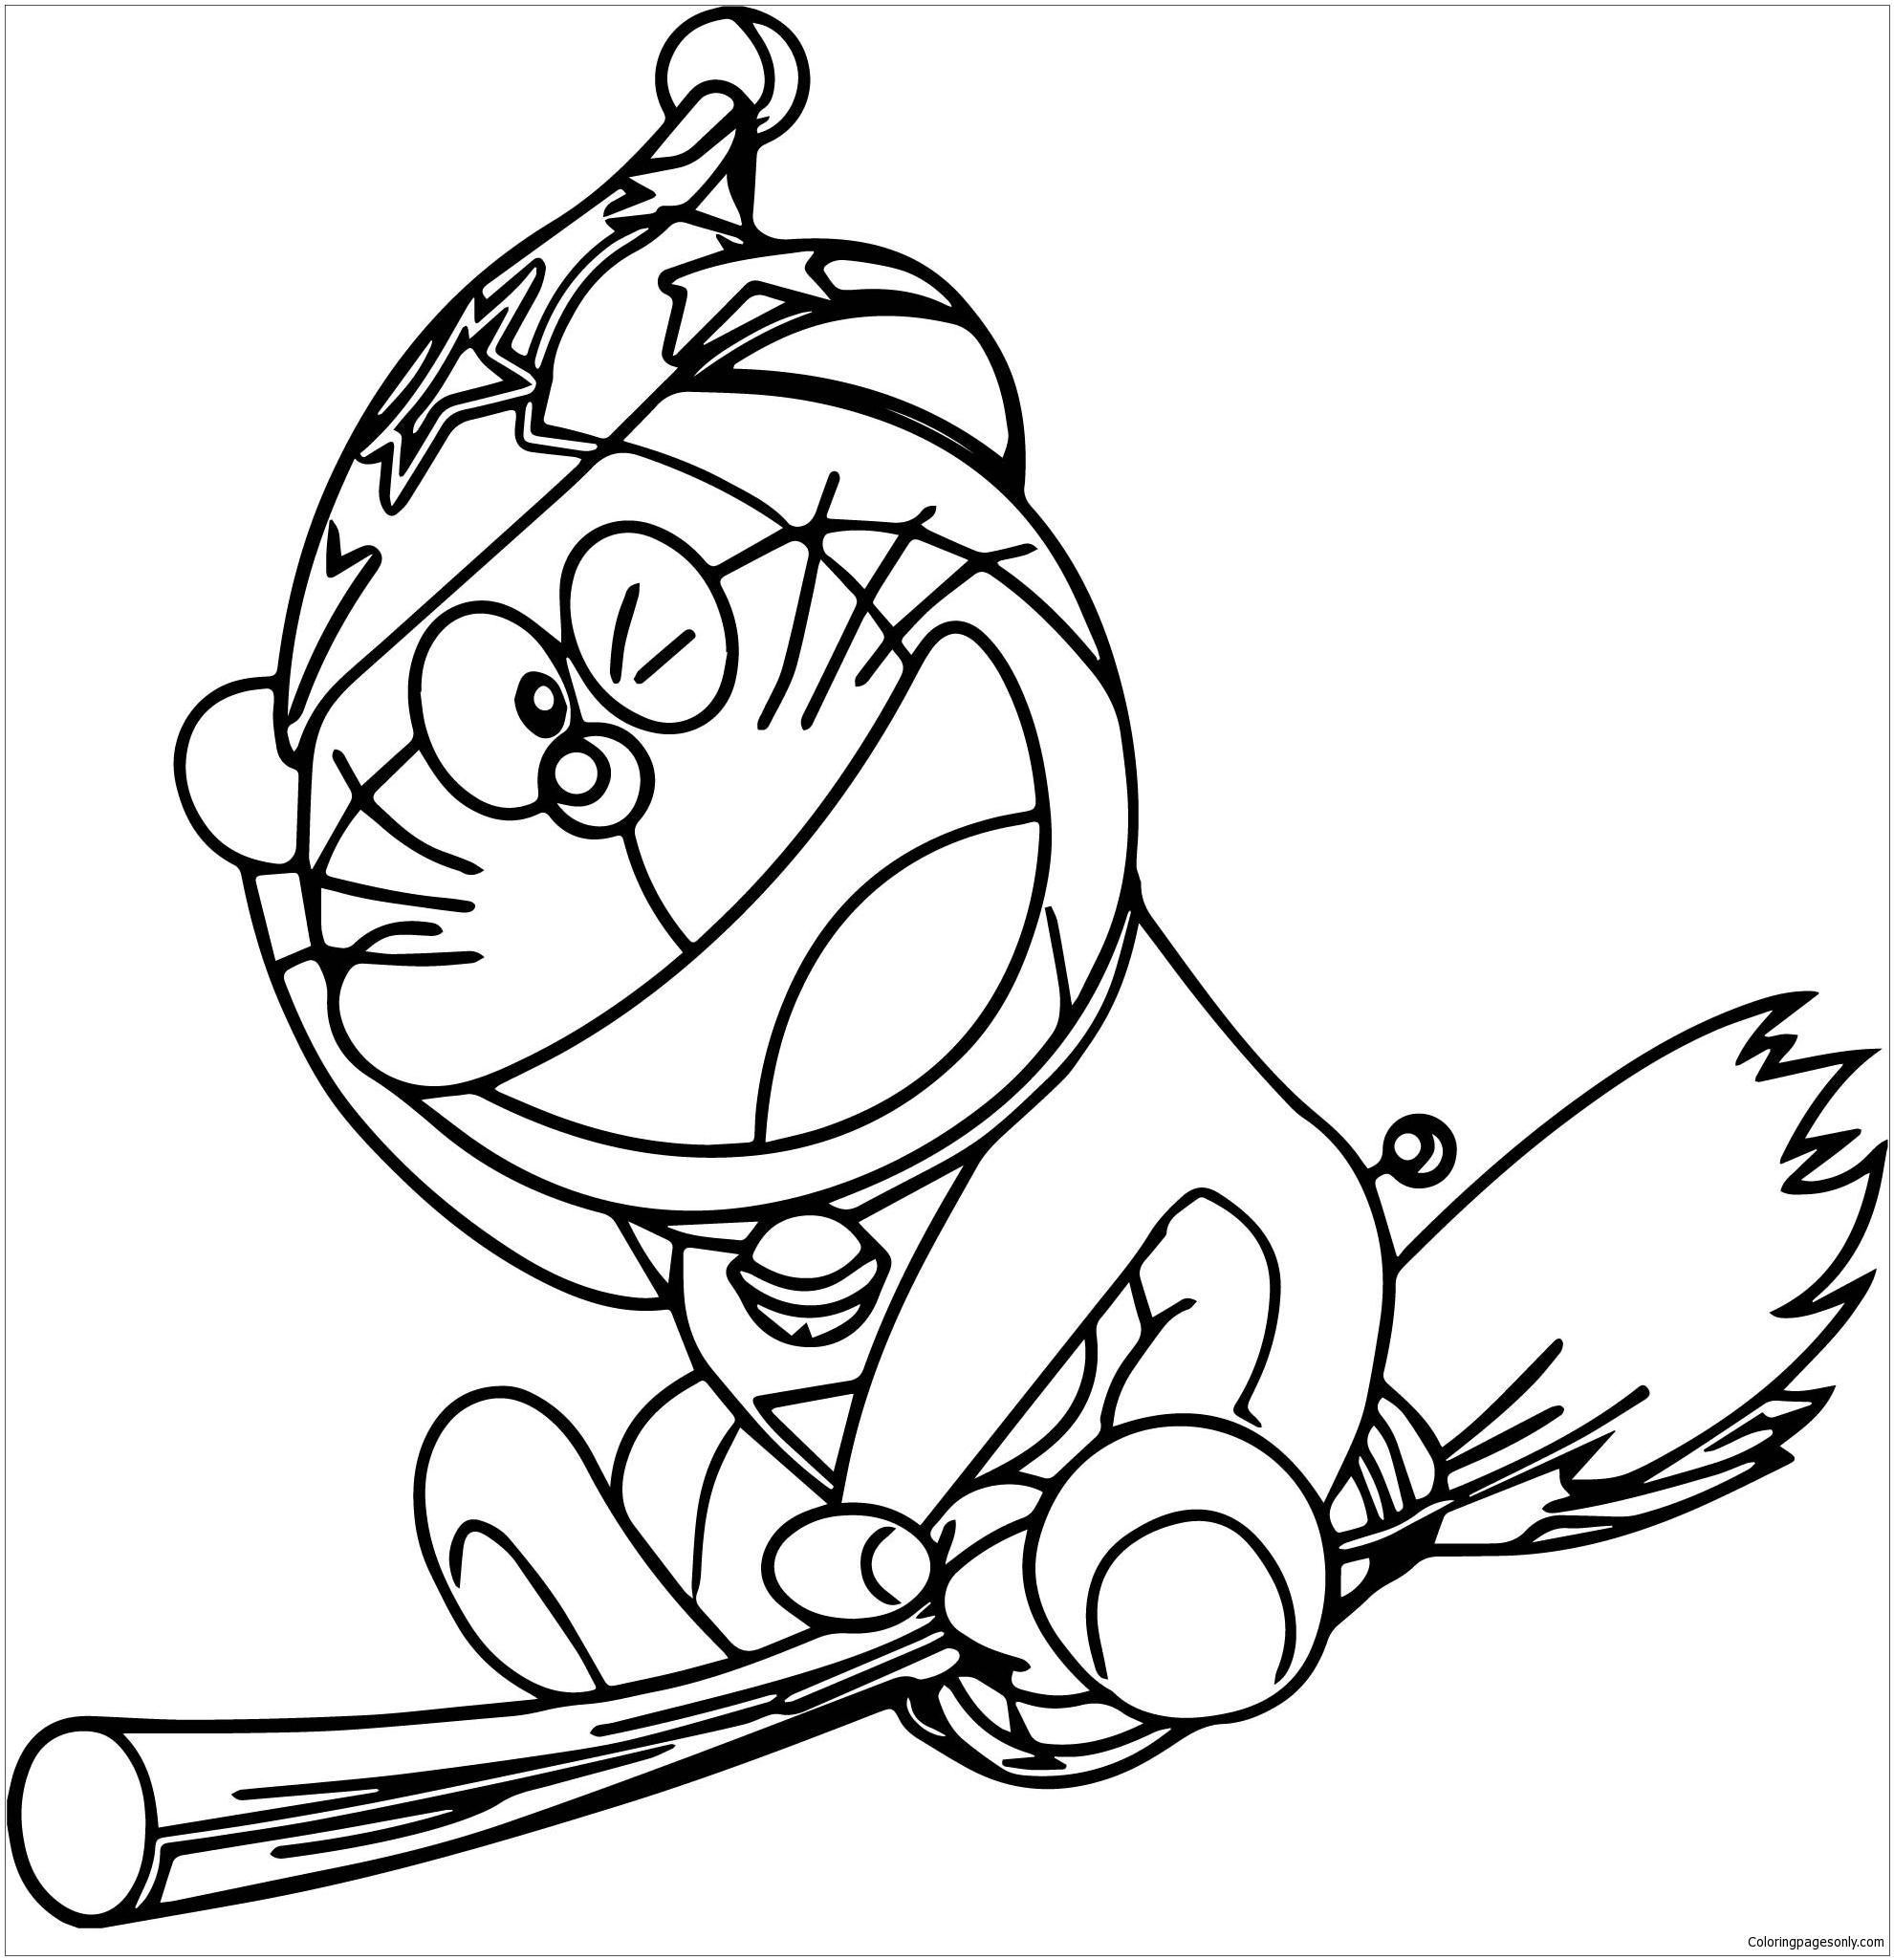 Bratz Doraemon Witch Coloring Pages Doraemon Coloring Pages Coloring Pages For Kids And Adults